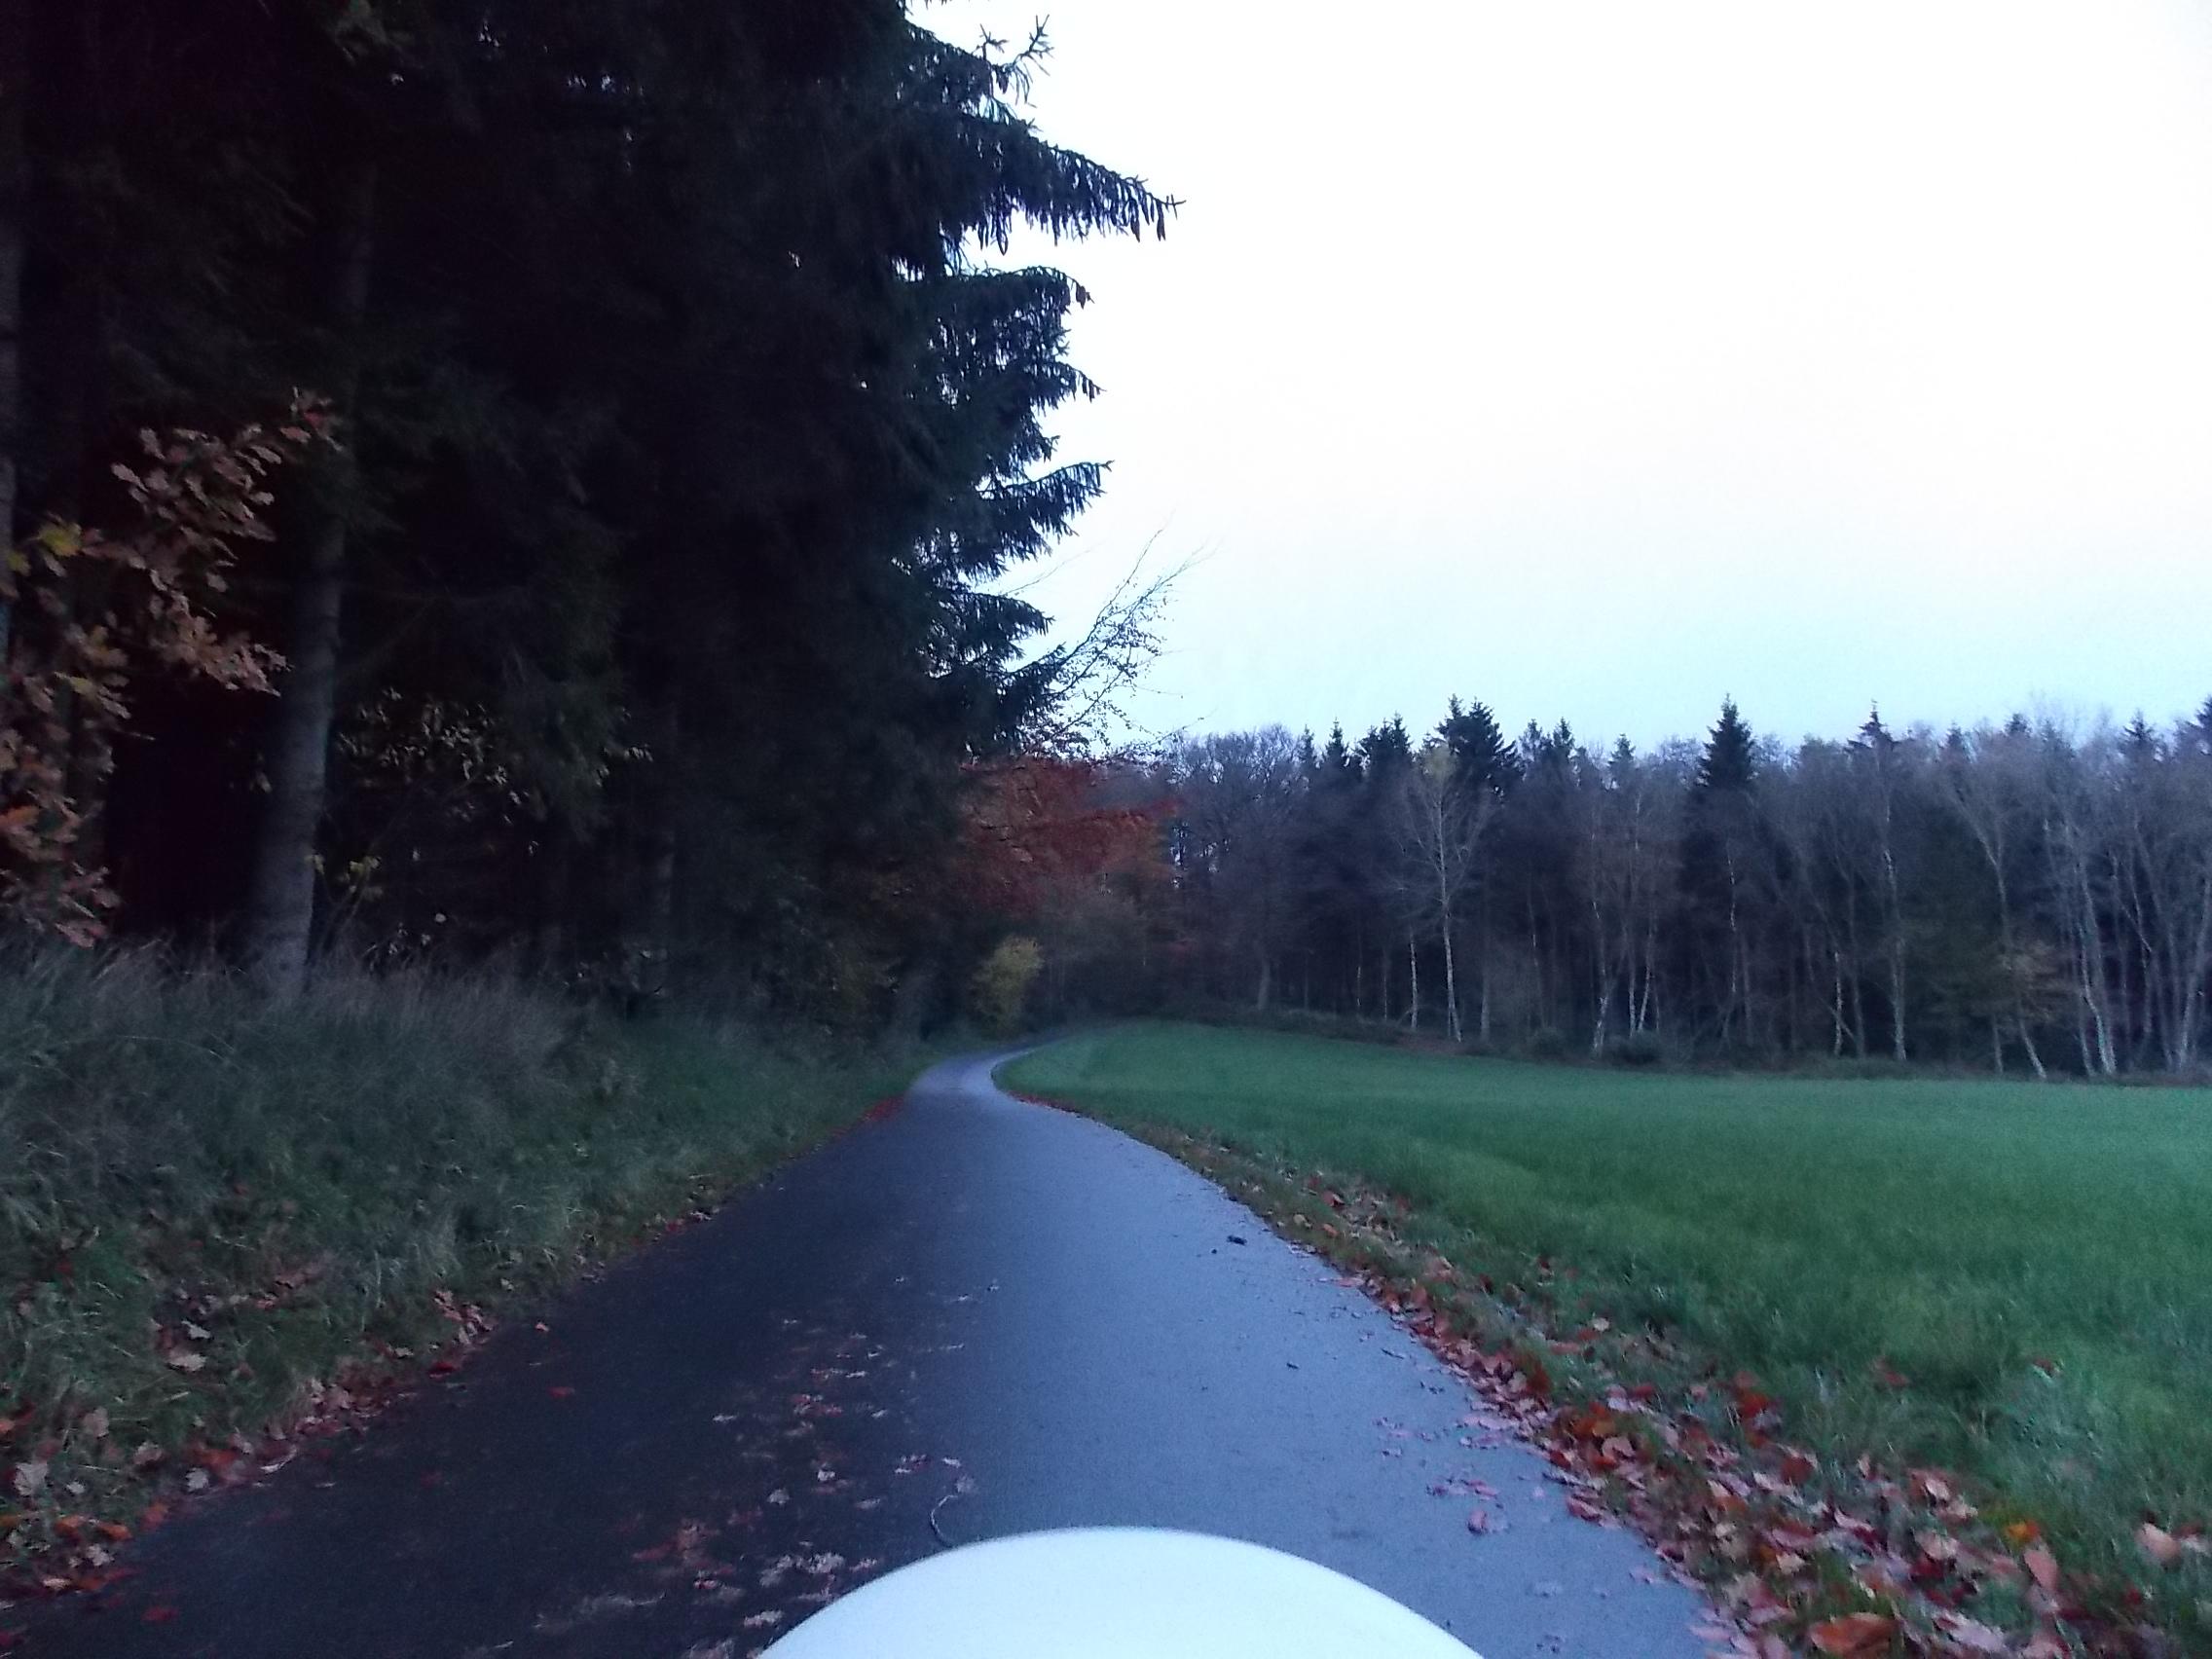 Lammsrader Weg